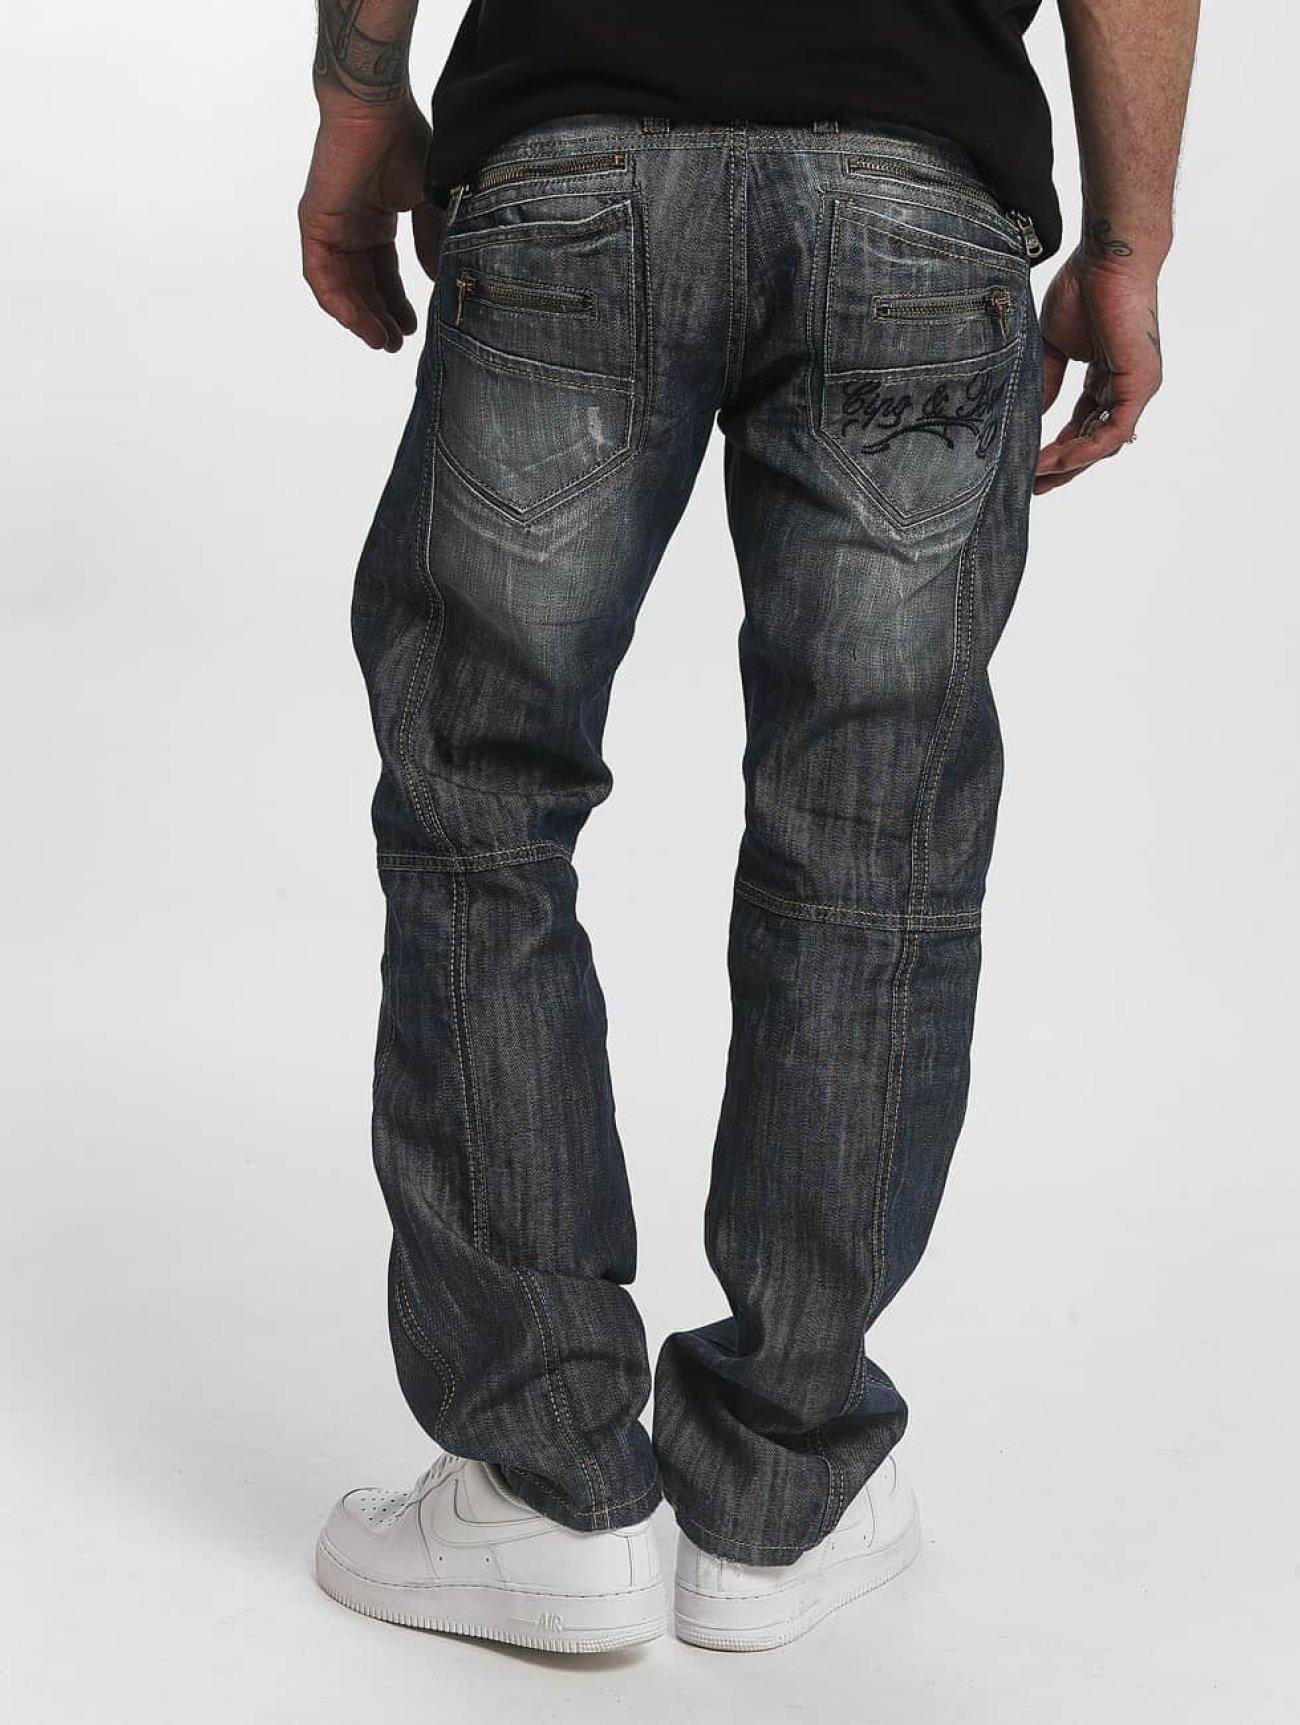 Cipo & Baxx  Leon Classic Fit   bleu Homme Jean coupe droite  76005 Homme Jeans